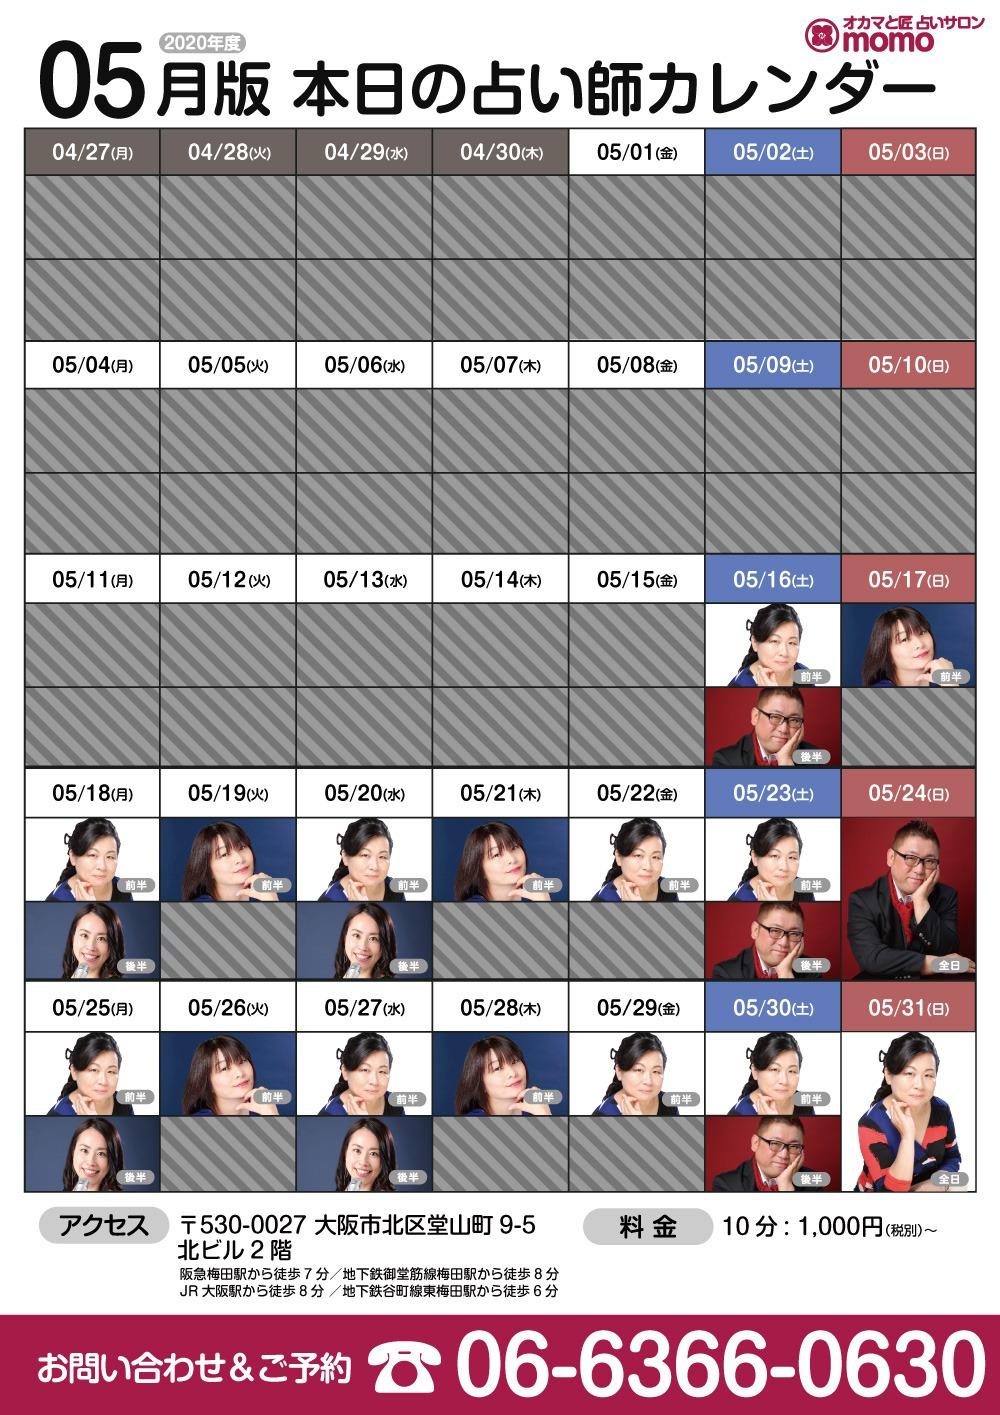 今月の占い師カレンダー 2020年5月版